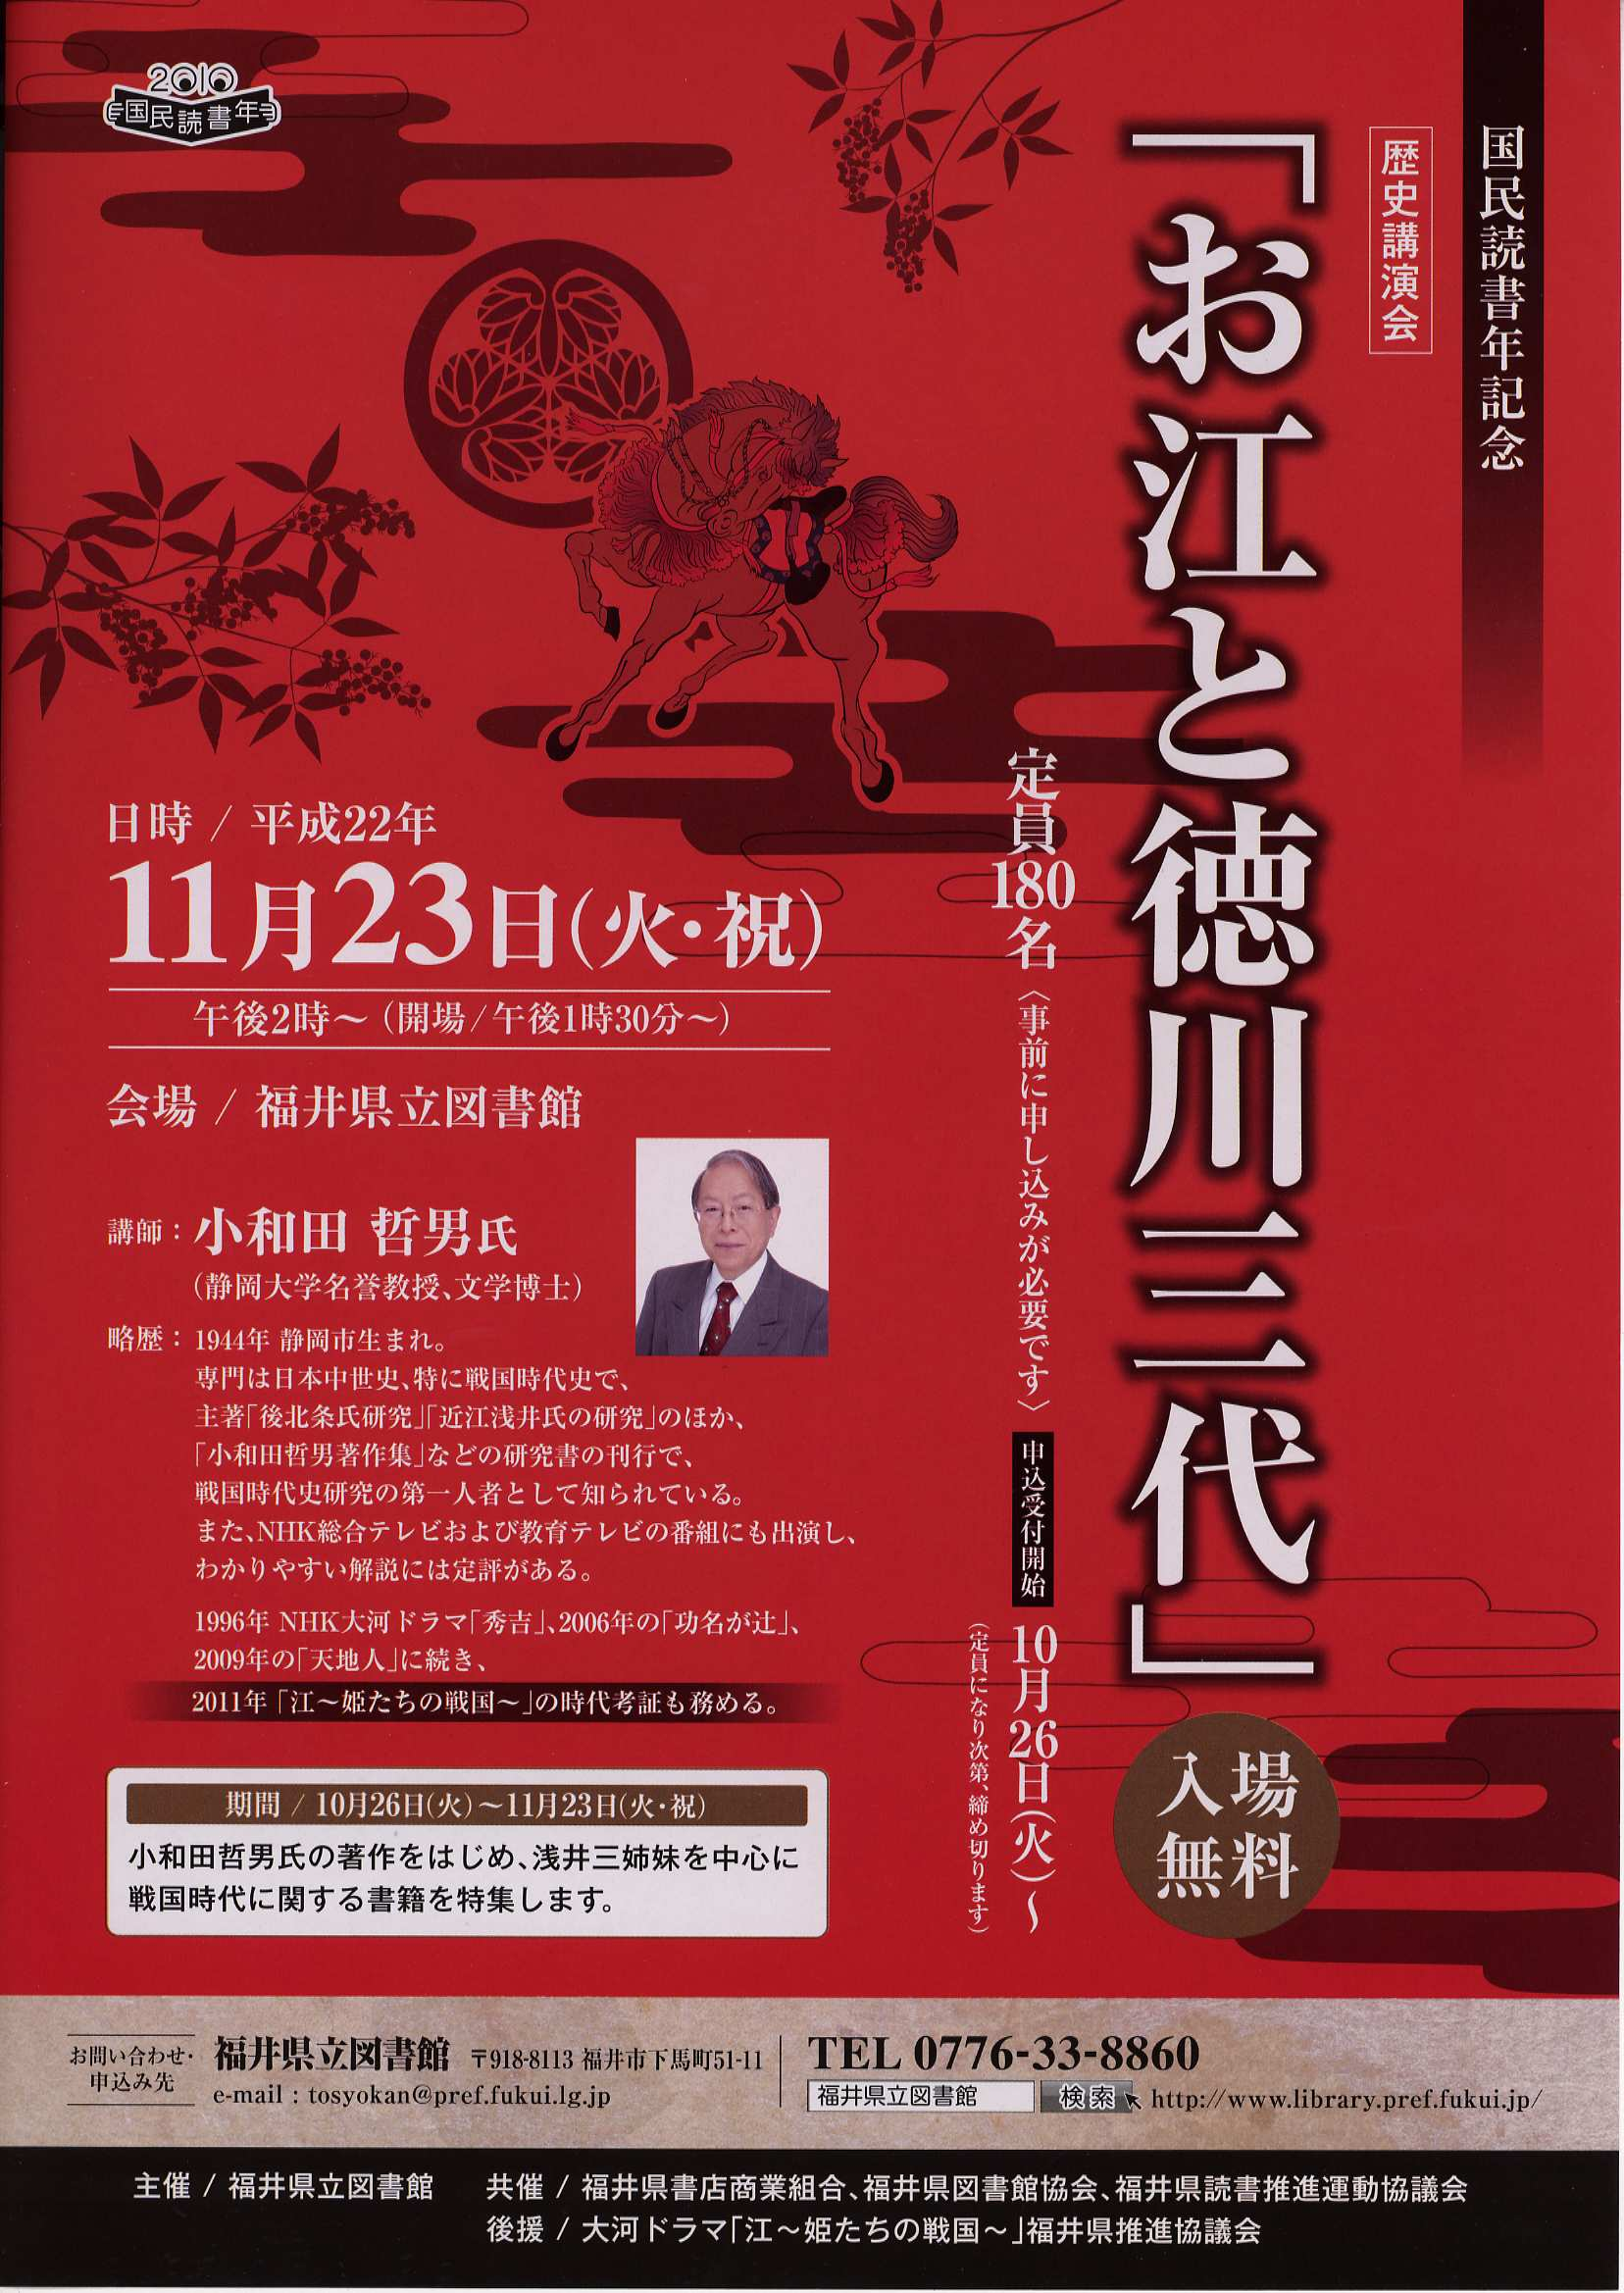 歴史講演会『お江と徳川三代』開催!!_f0229508_11545588.jpg